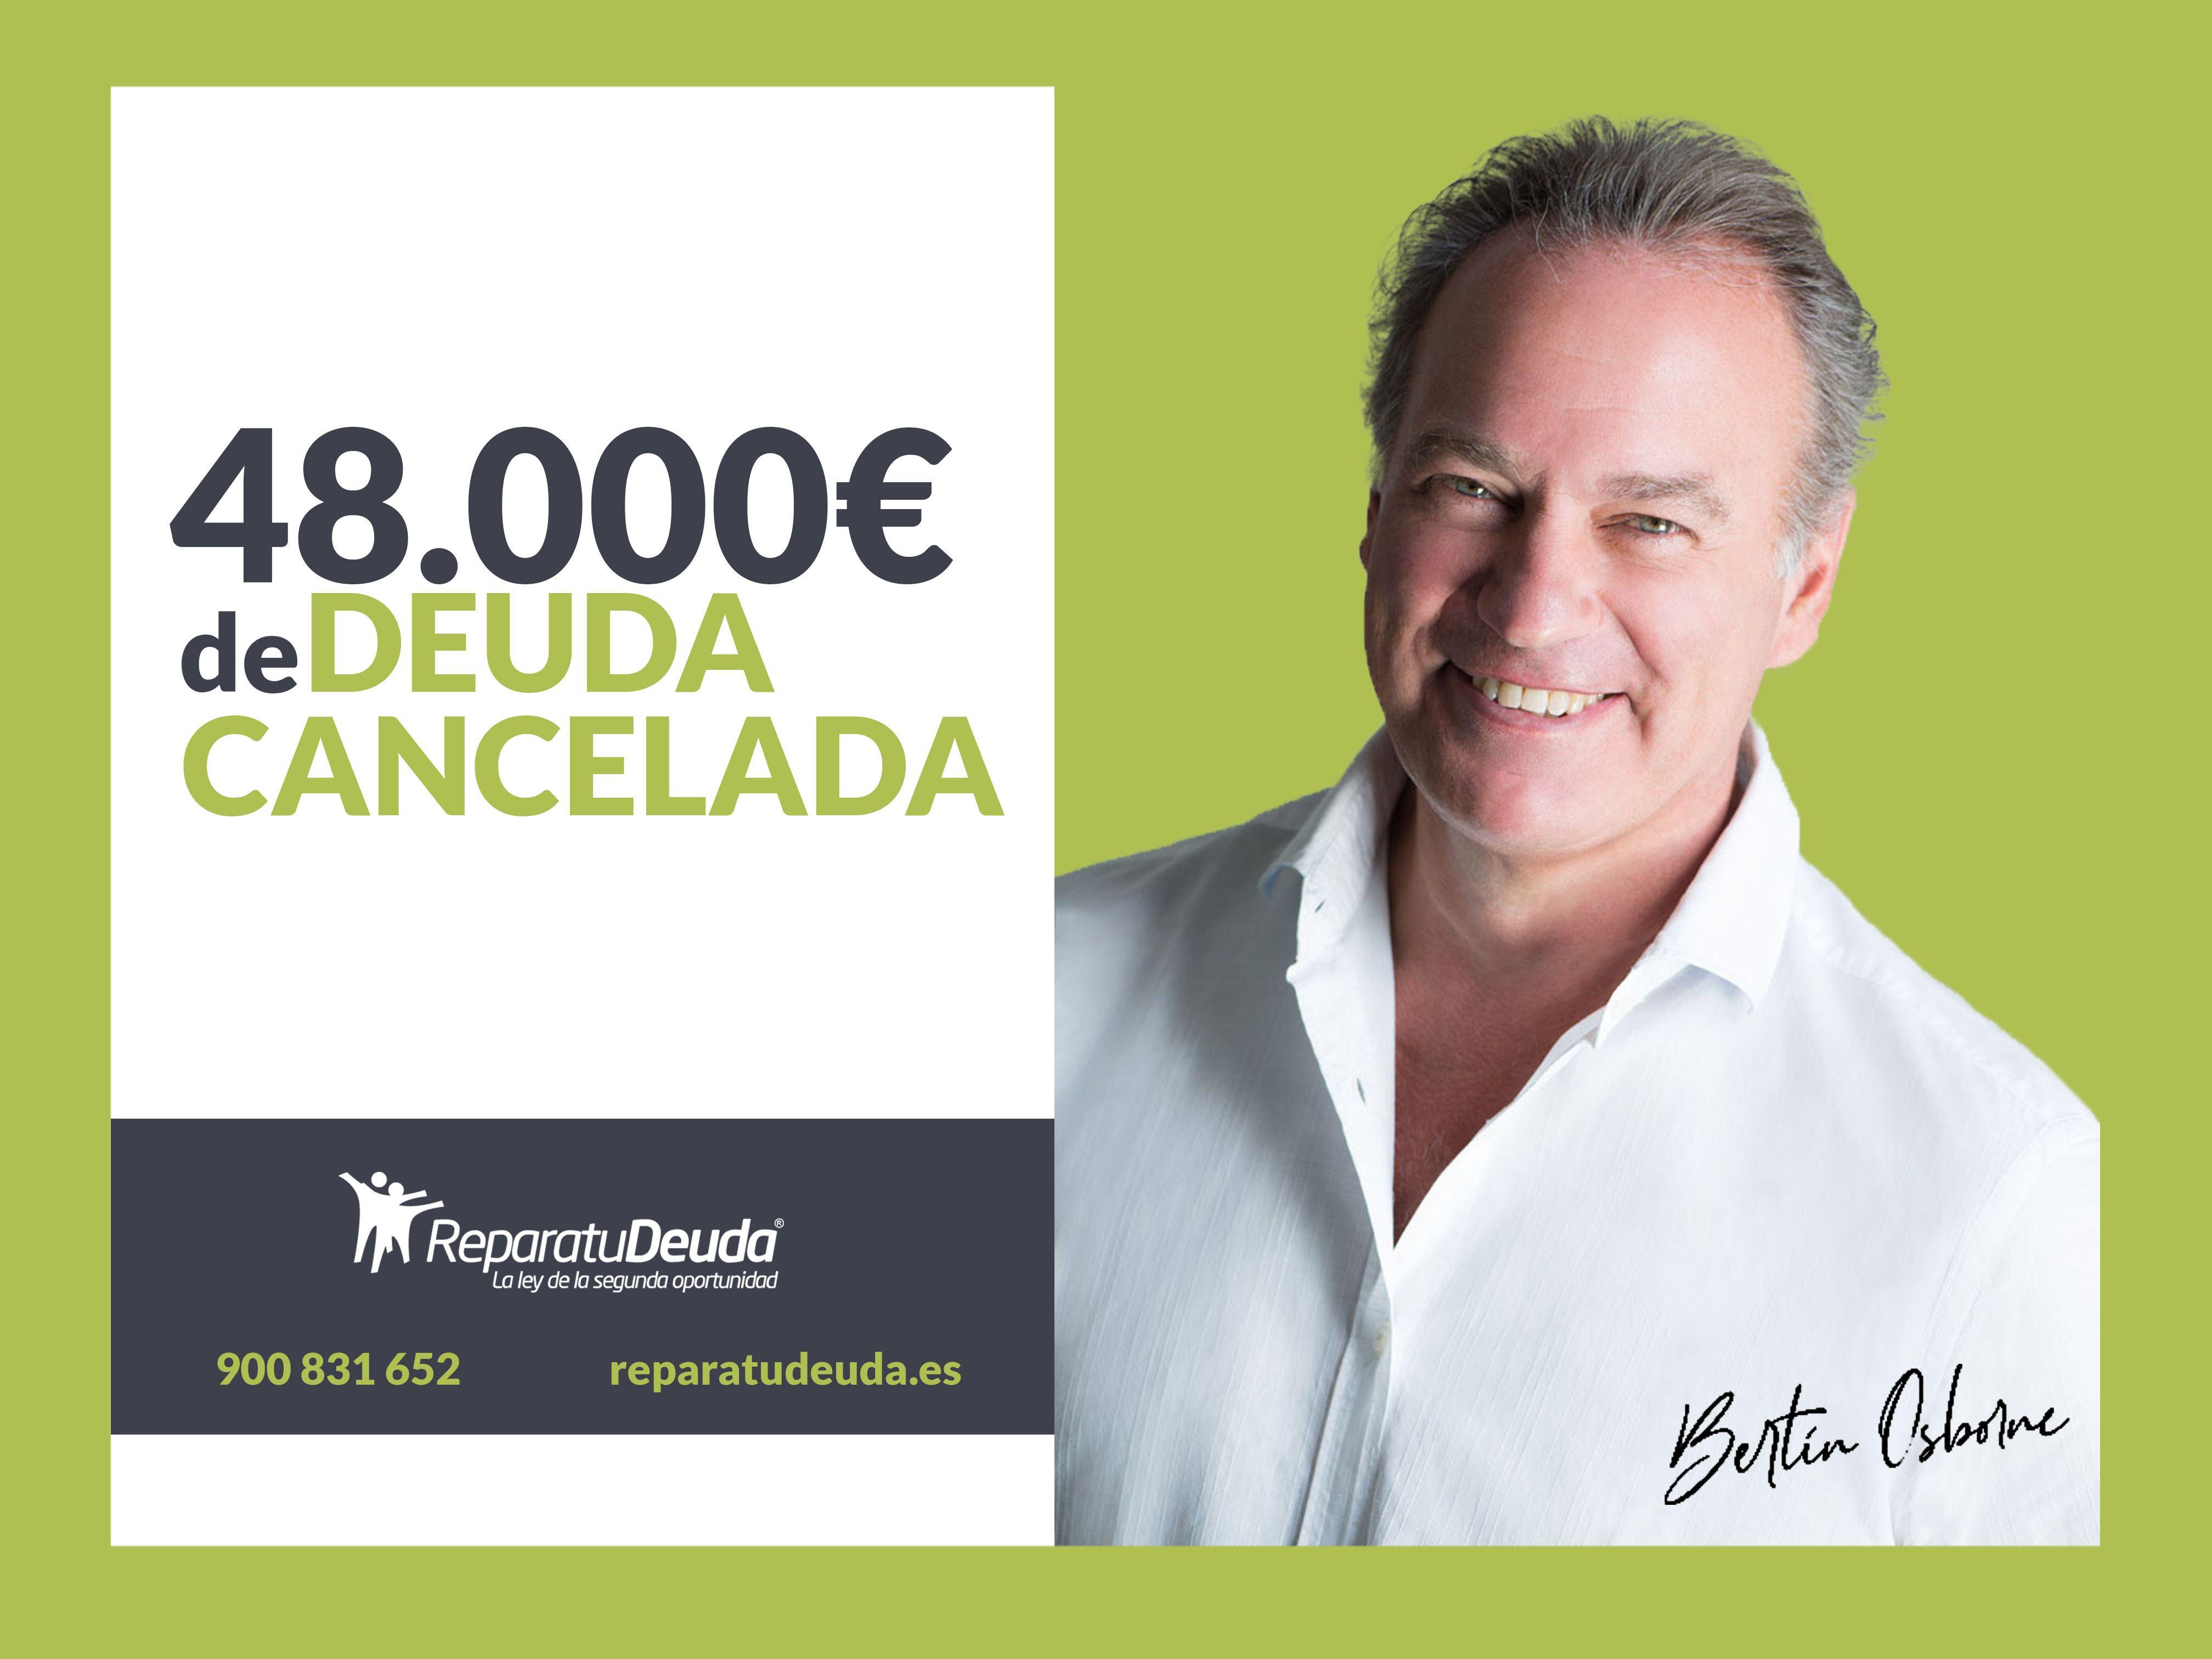 Repara tu Deuda Abogados cancela 48.000 € de deuda privada y pública con la Ley de Segunda Oportunidad